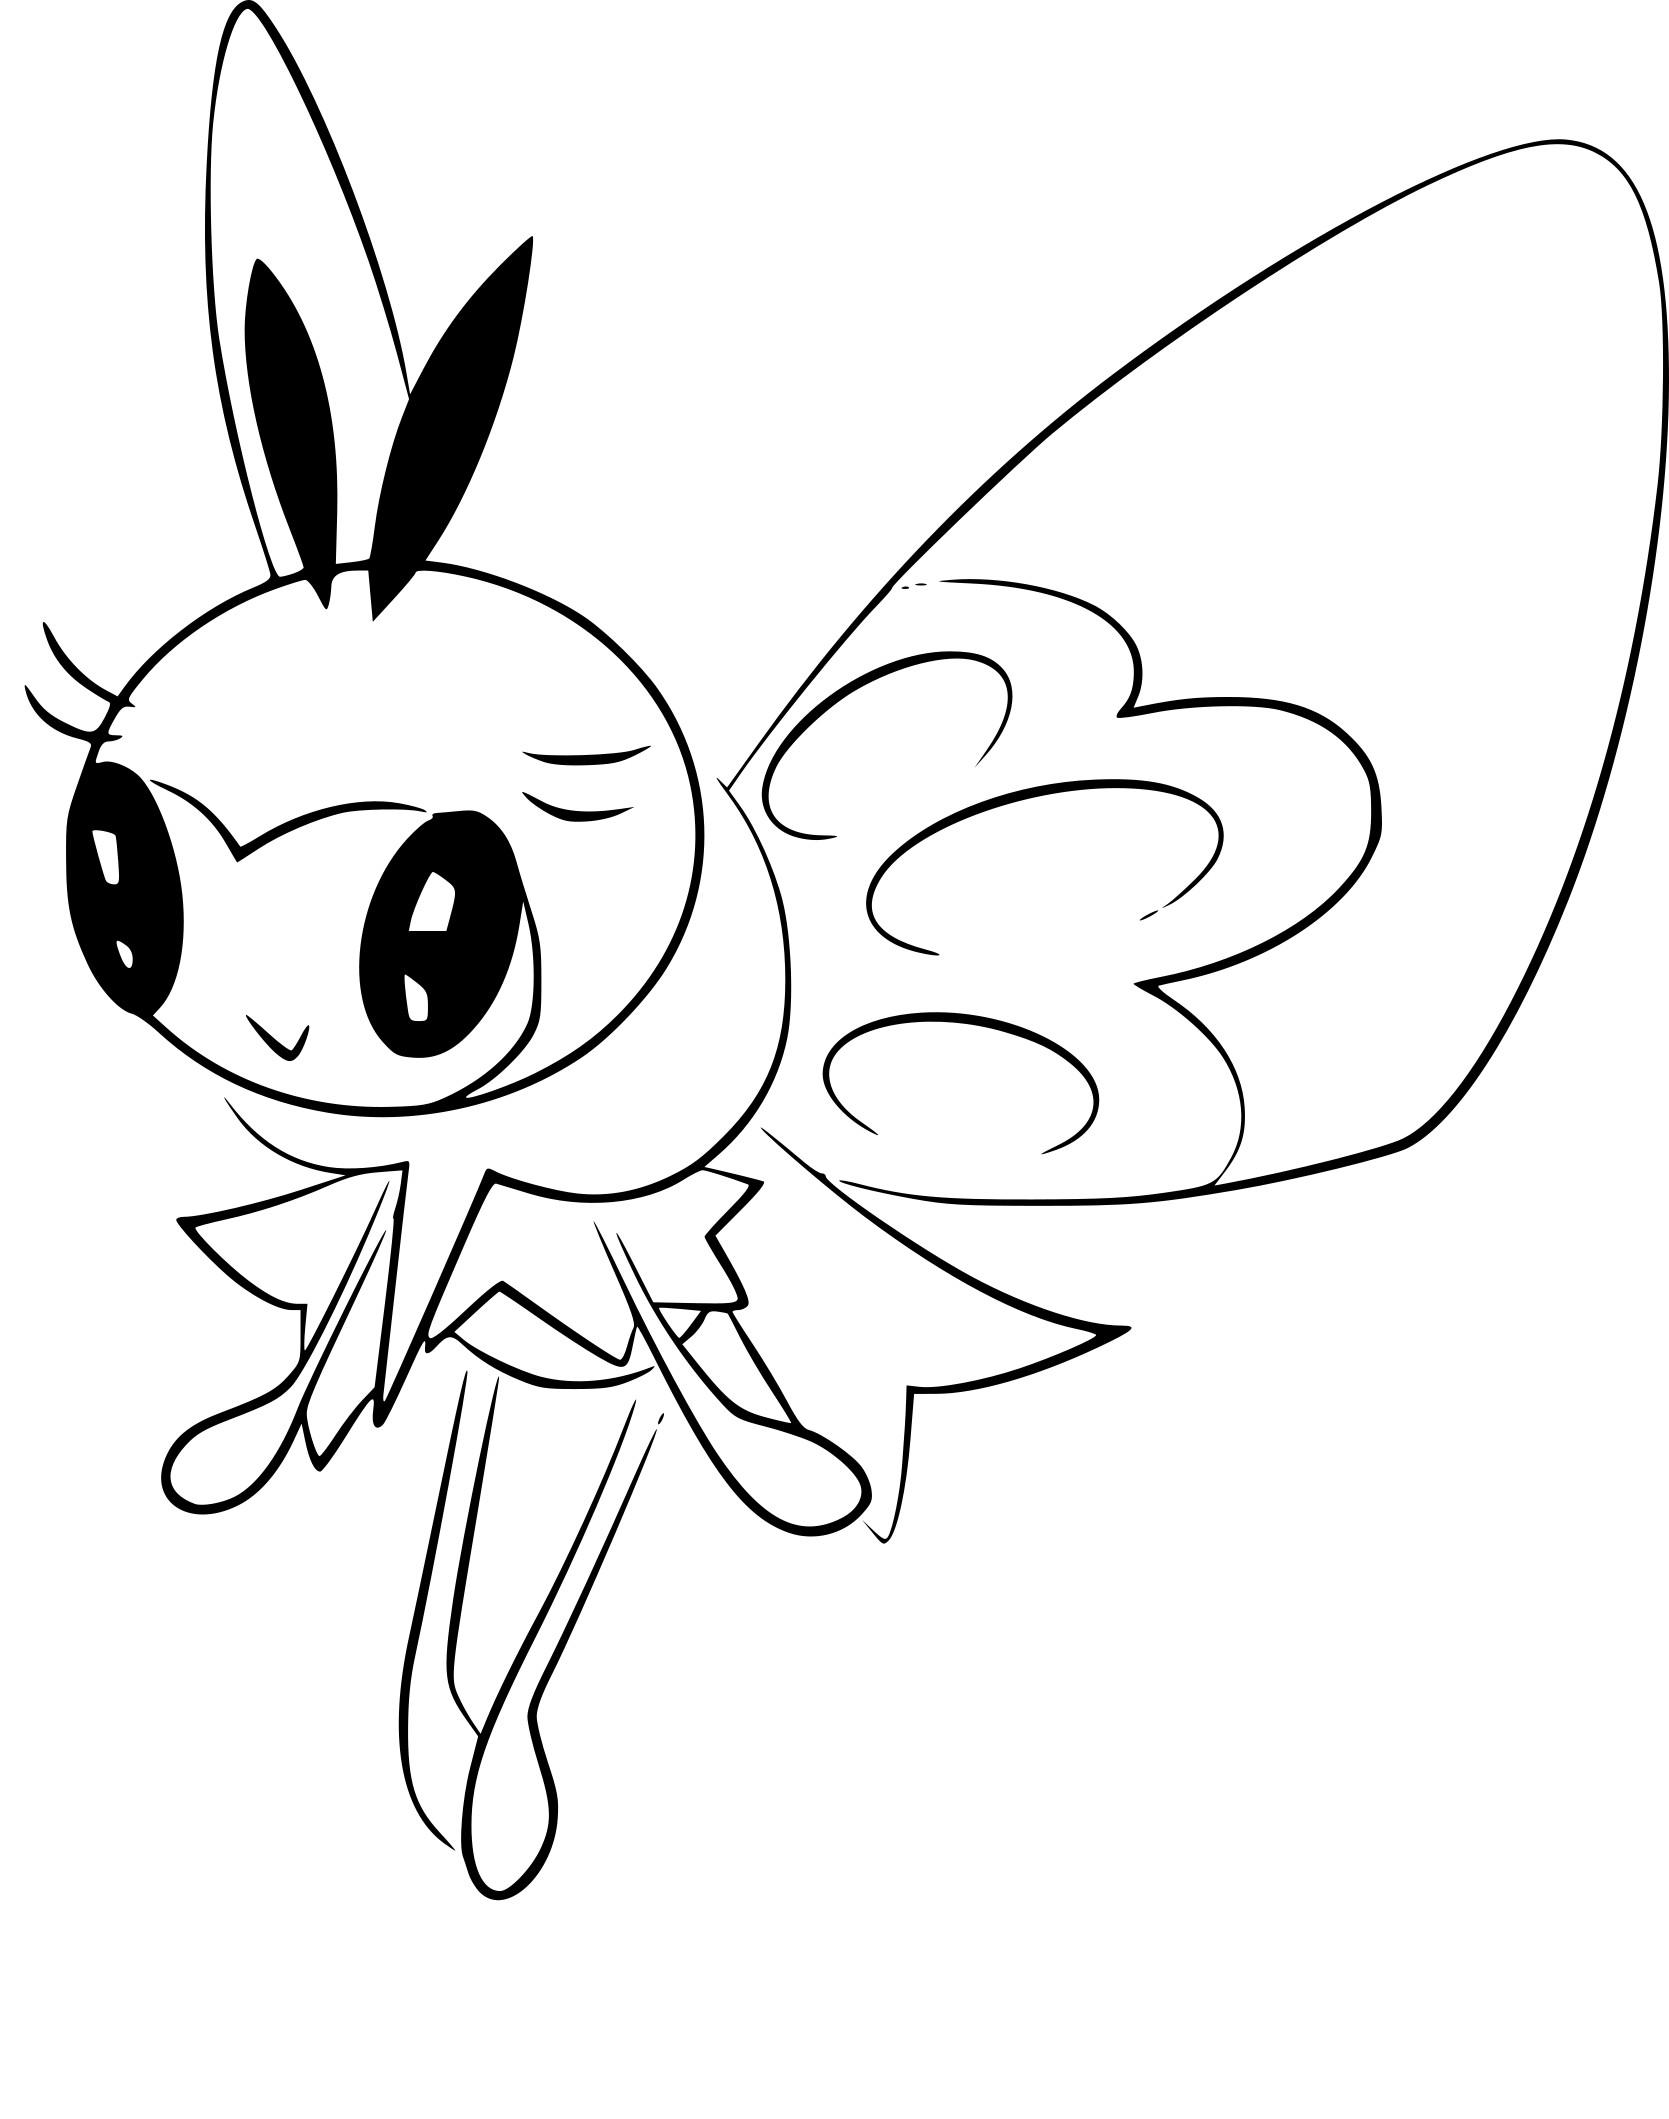 Coloriage Rubombelle Pokemon à imprimer